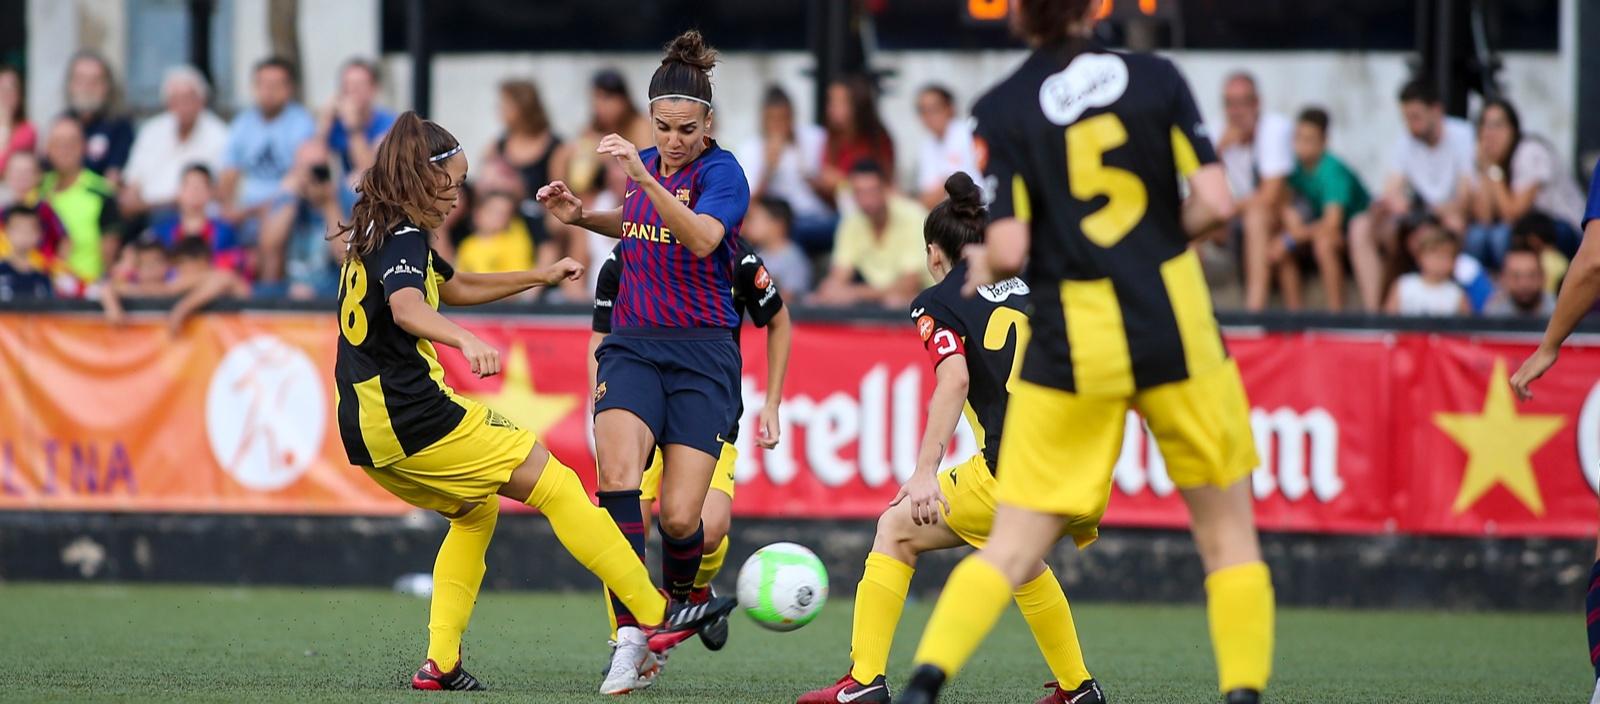 Publicat el calendari de Primera Nacional Femenina de la temporada 2020-2021